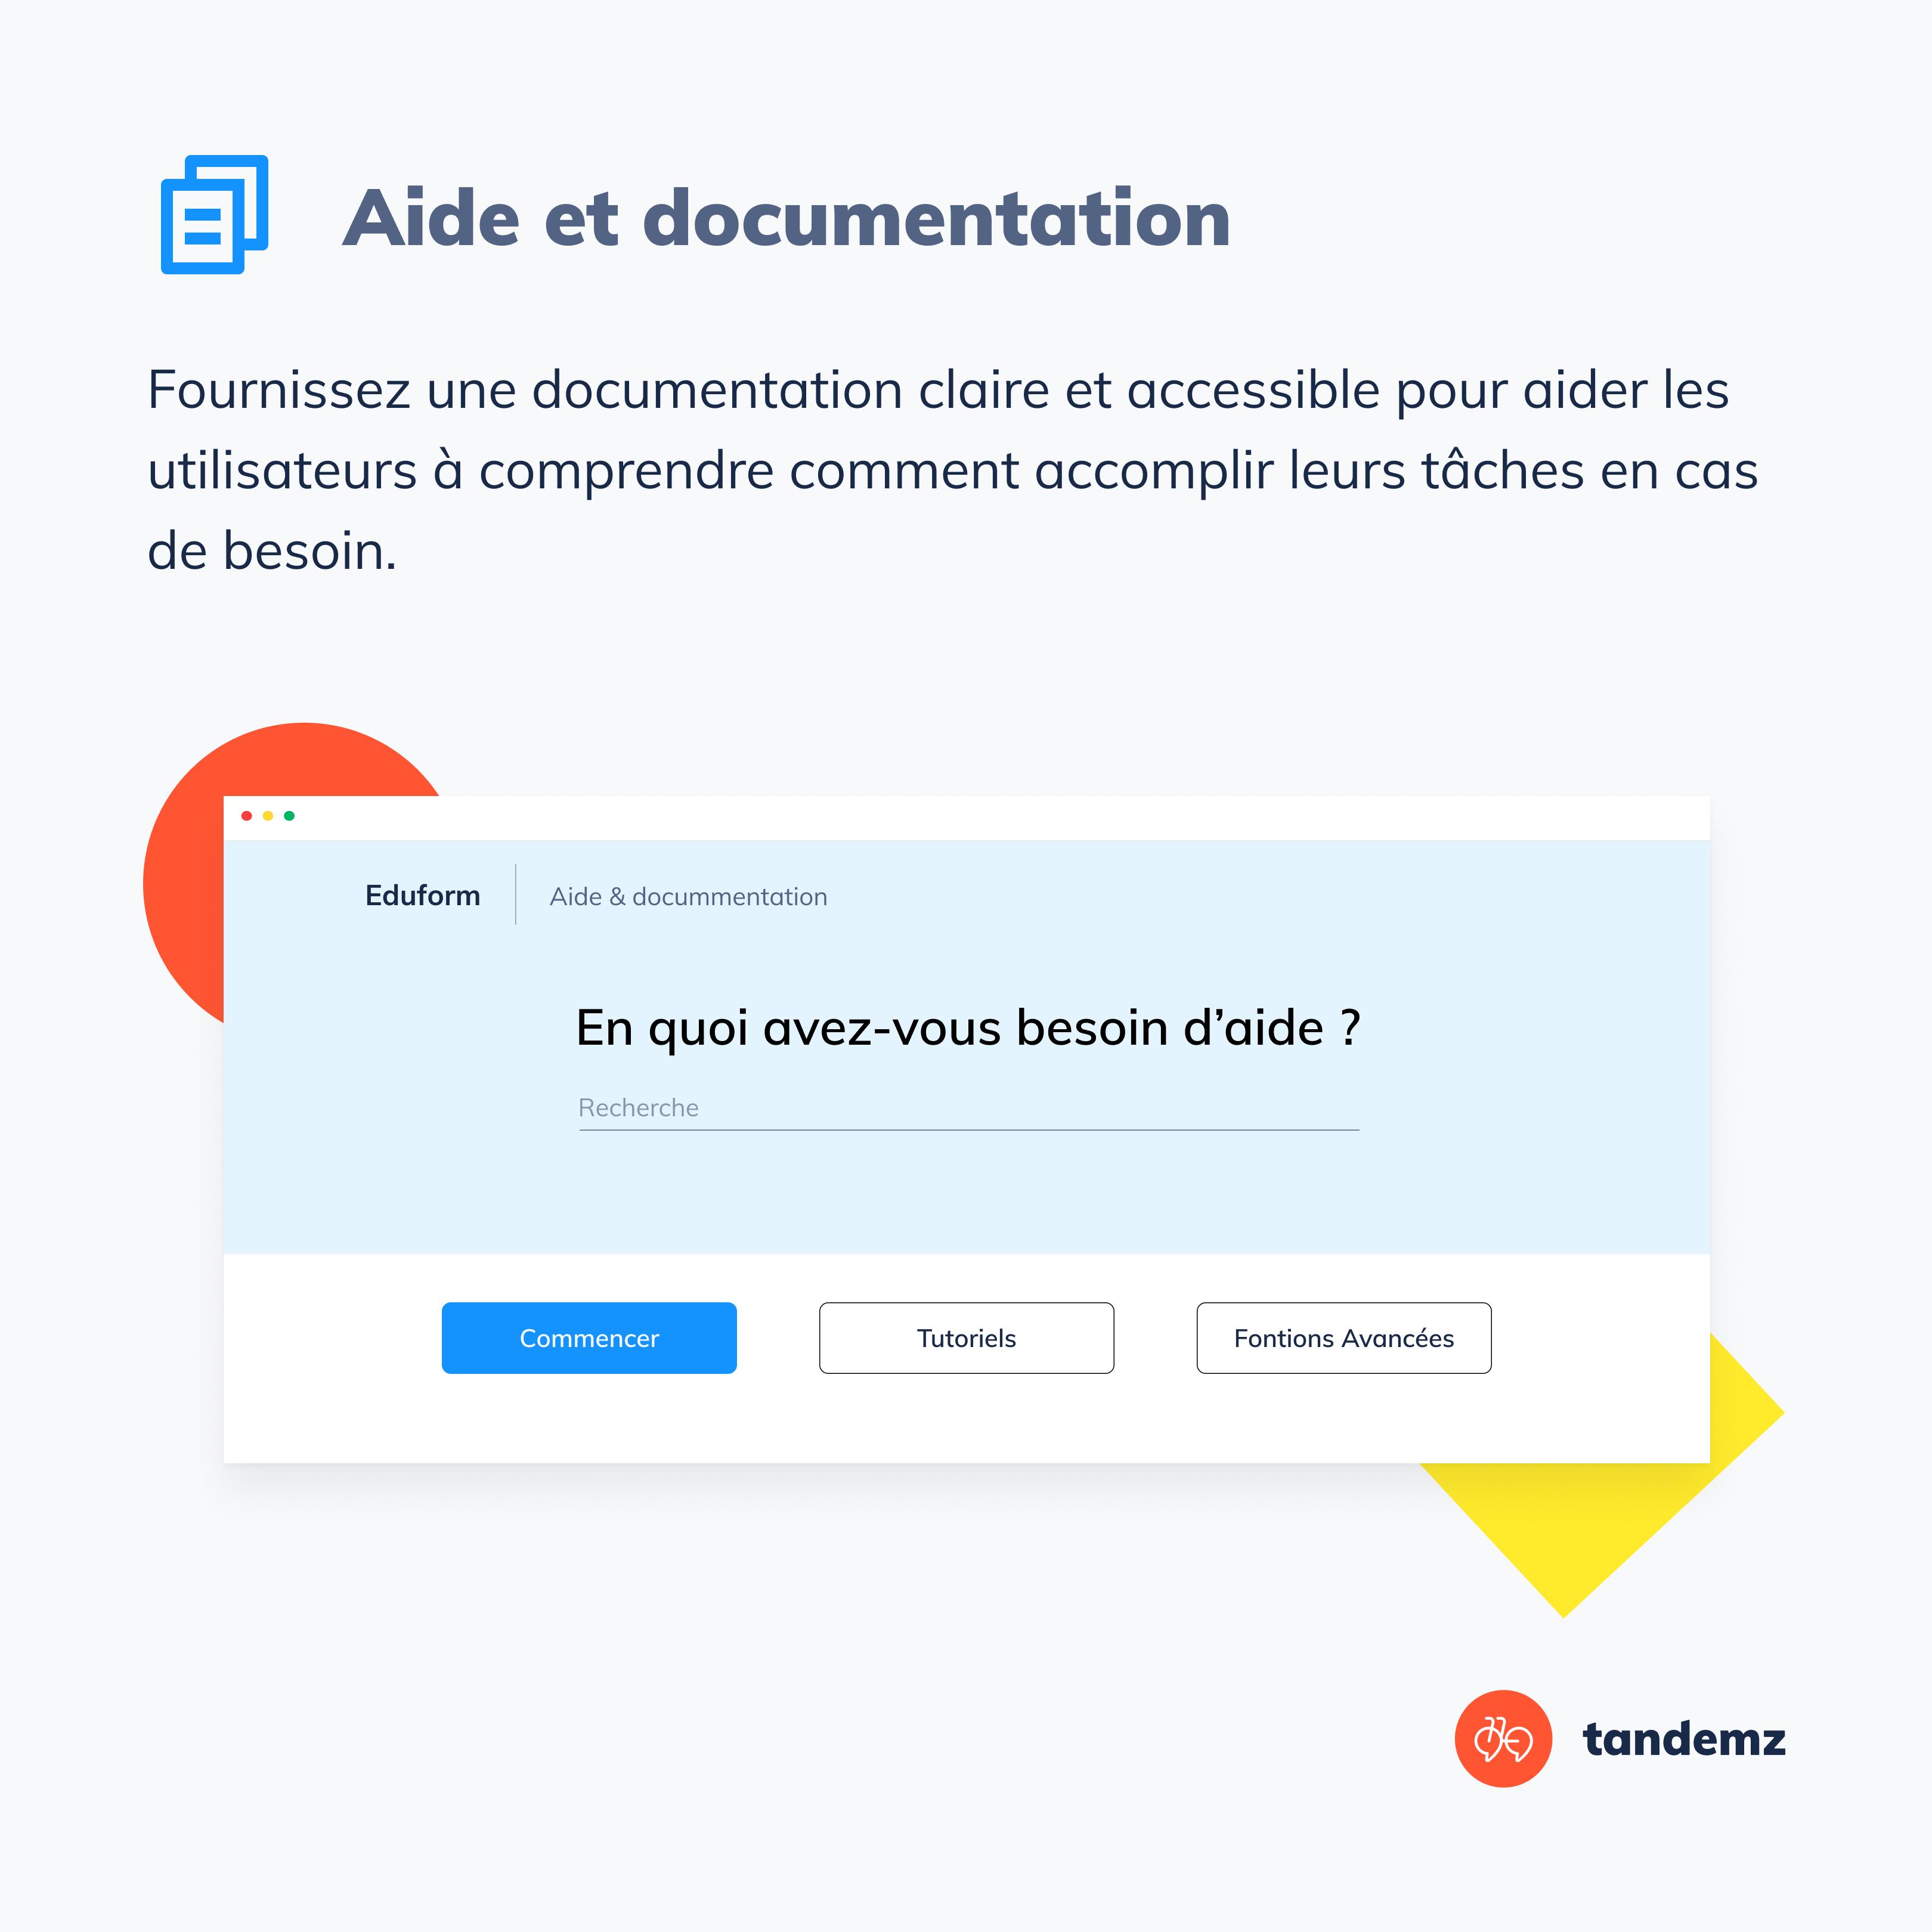 Fournissez une documentation claire et accessible